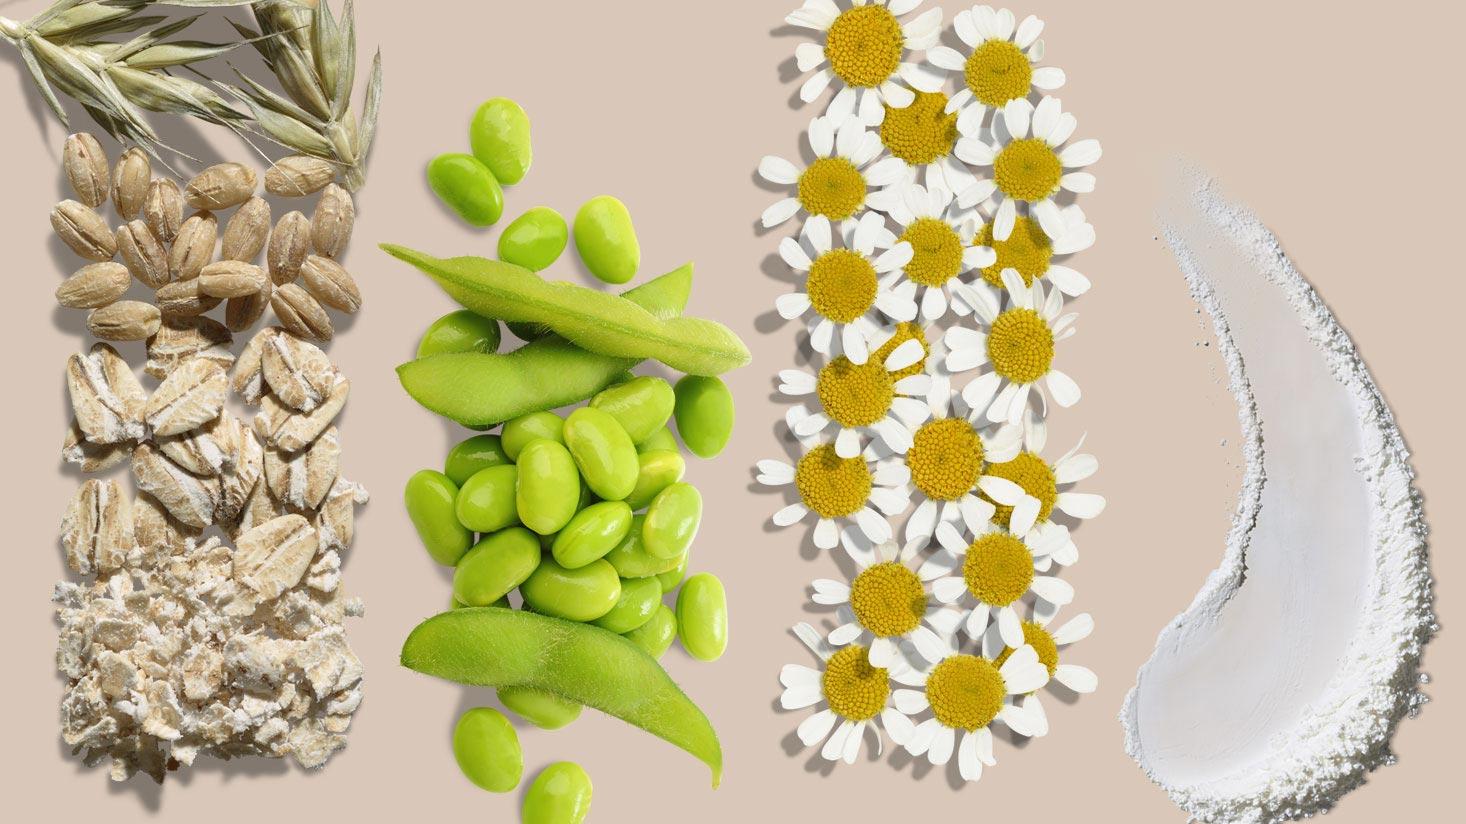 AVEENO® natural skin care ingredients